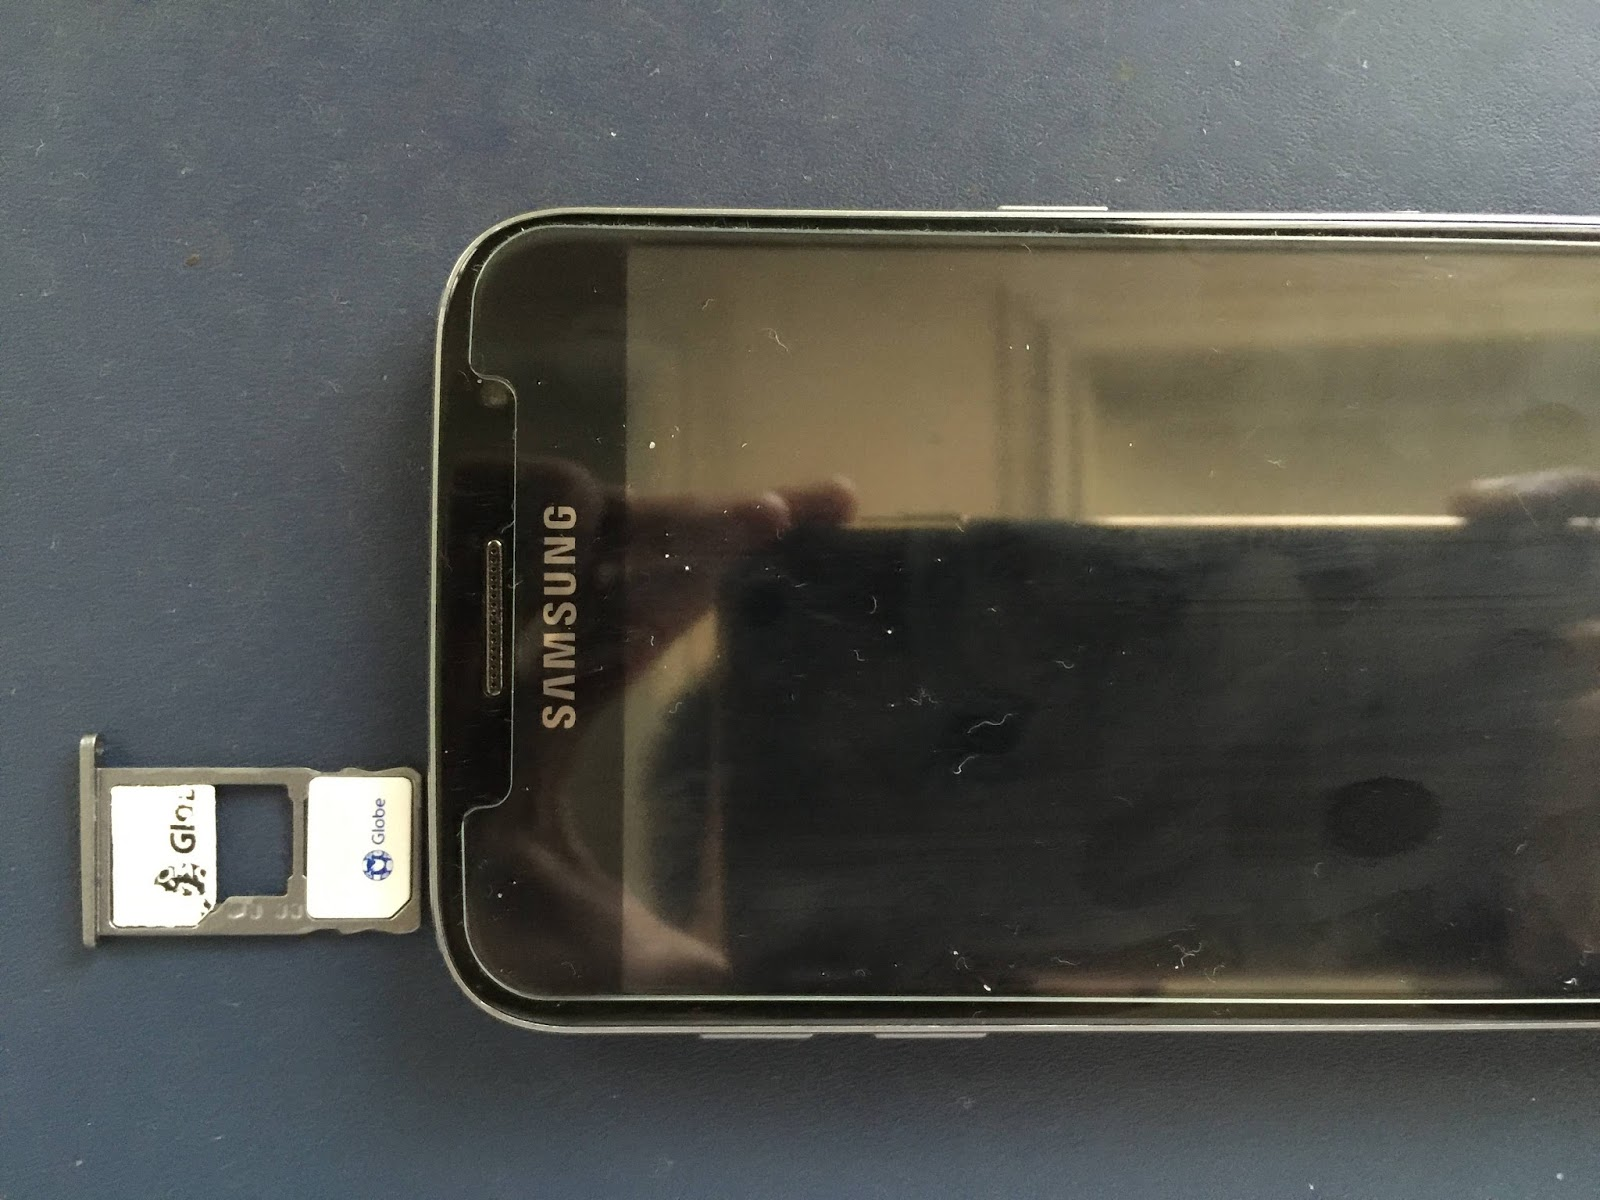 Stock ROM for Galaxy S7/G930FD MT6580 clone (Z6U030